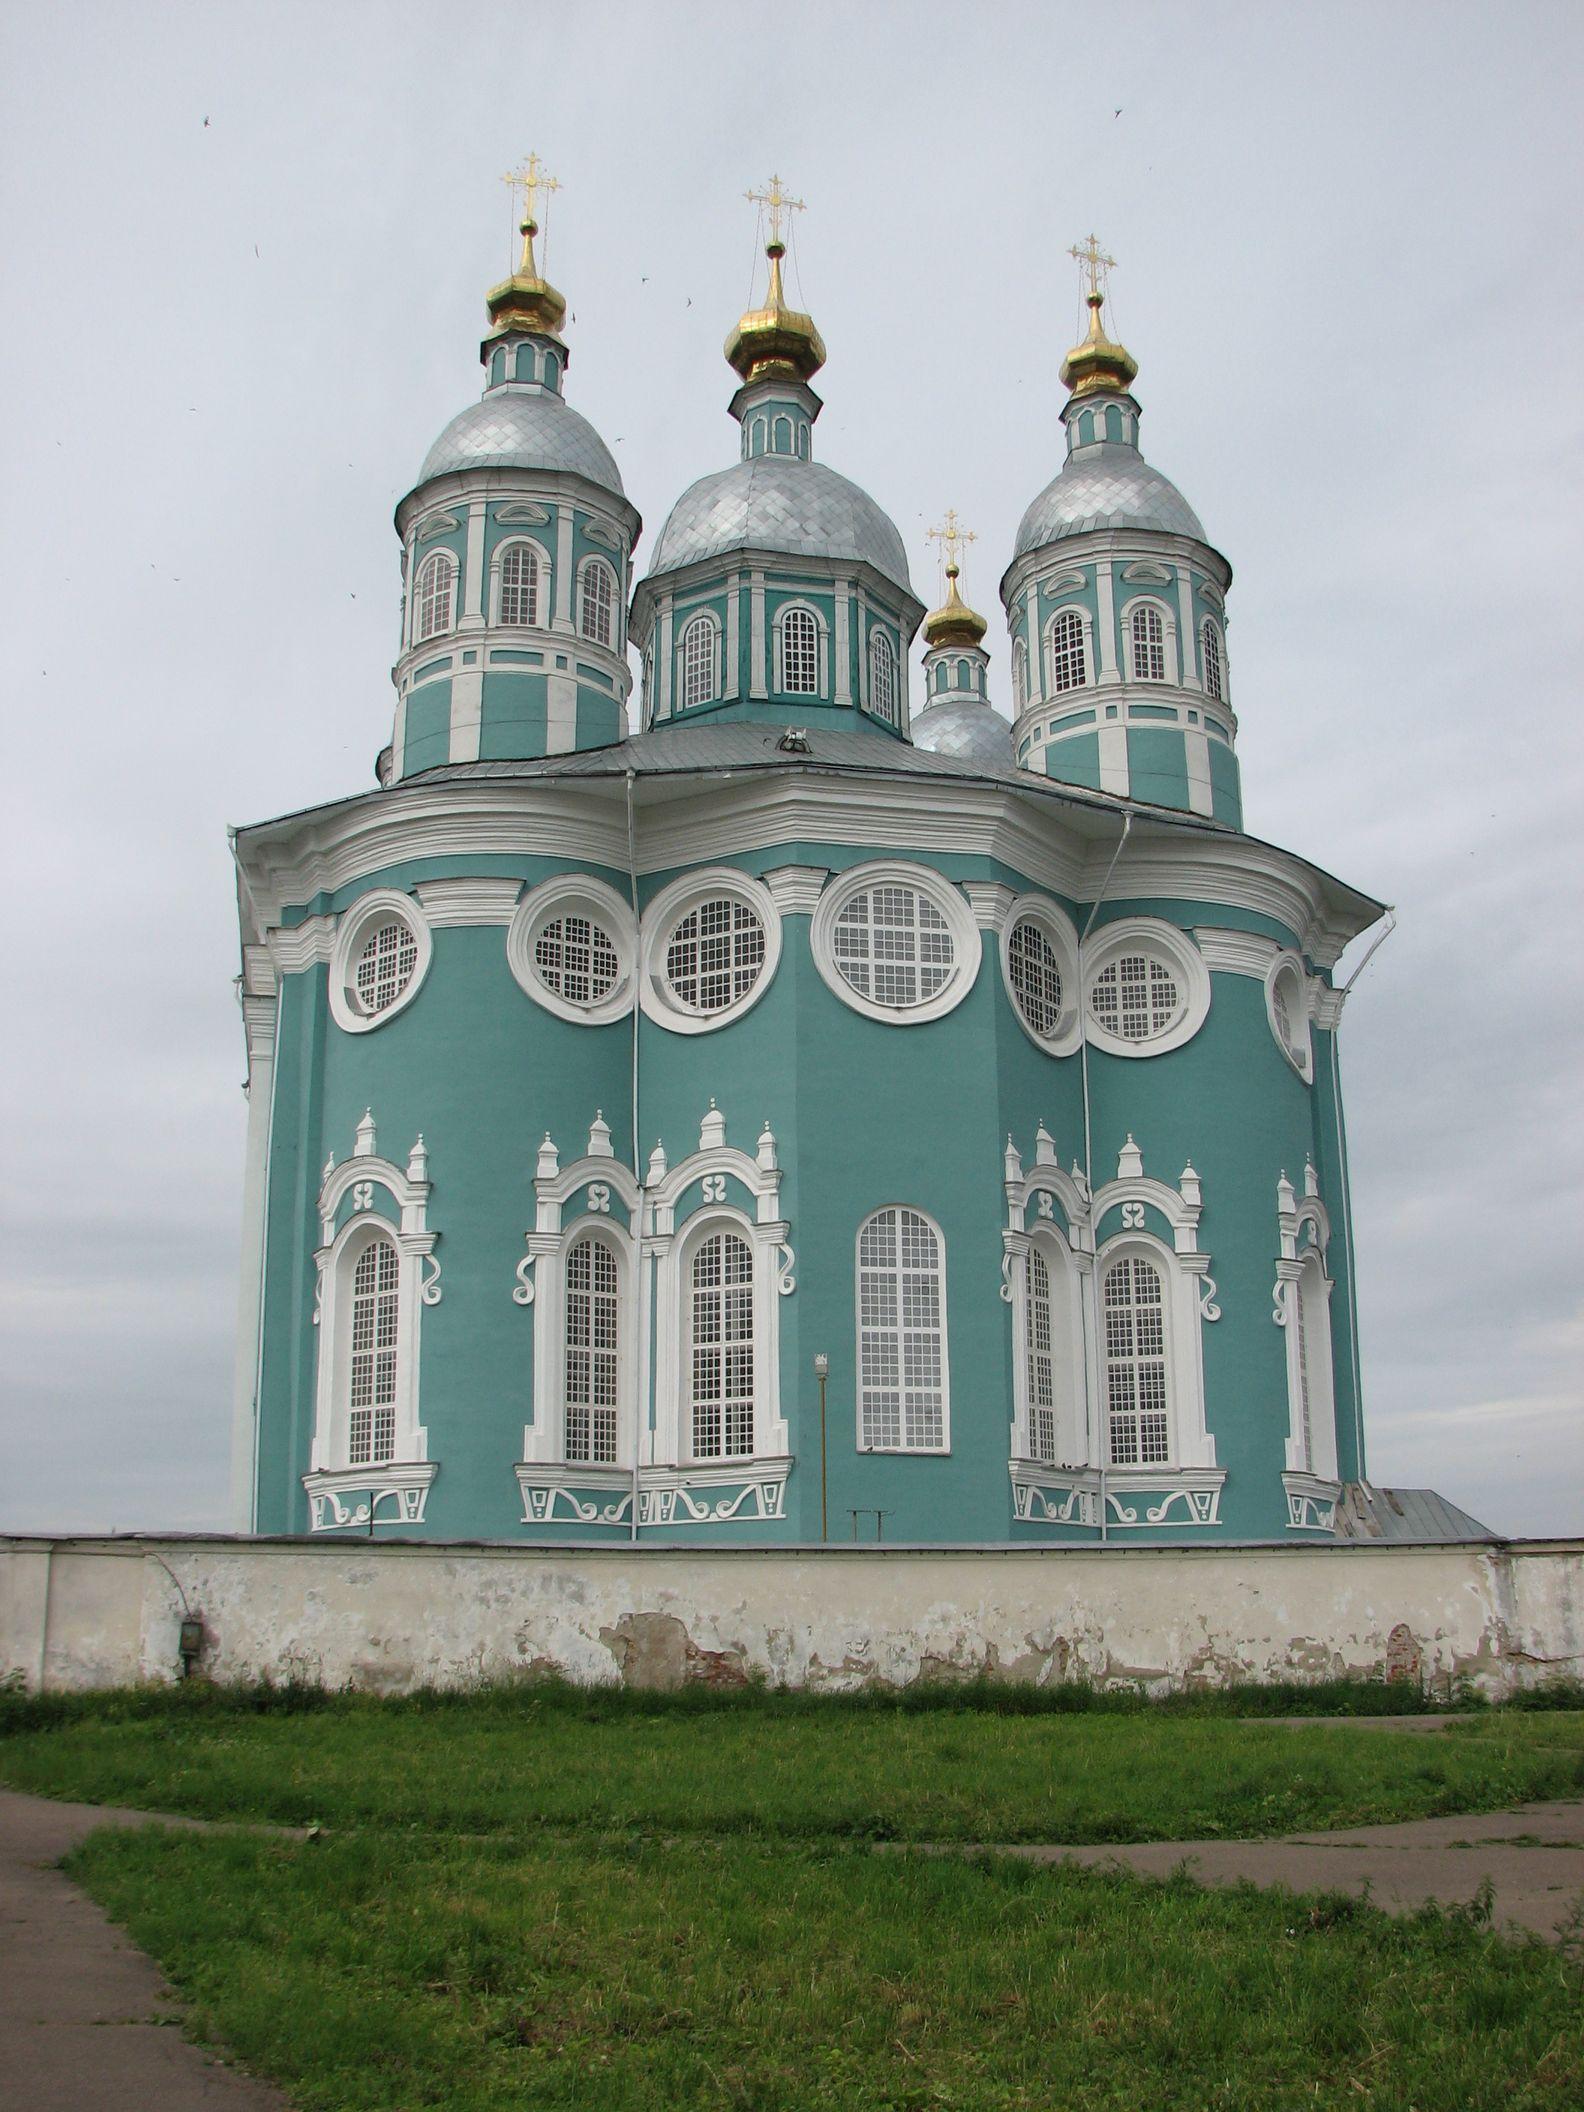 Смоленск. (с изображениями) | Храм, Архитектура